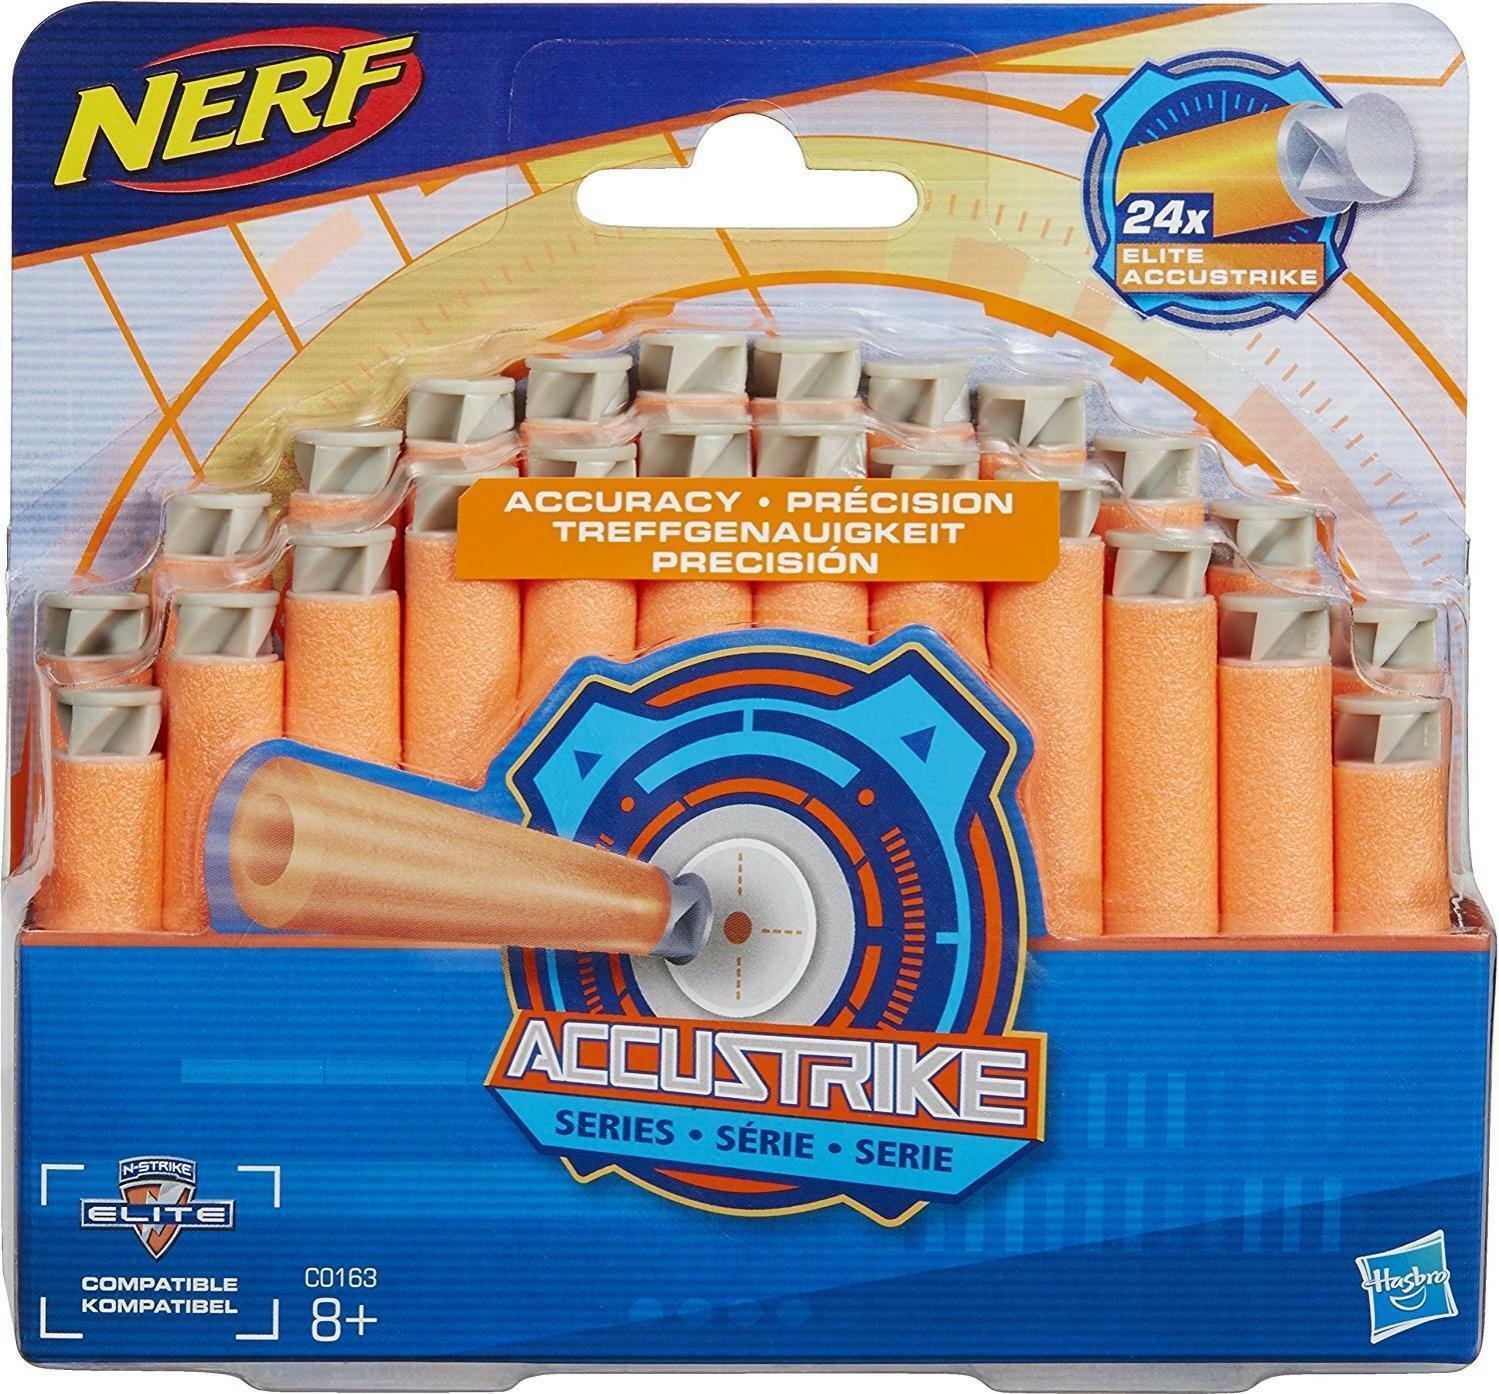 hasbro nerf n-strike elite - 24 dardi accustrike